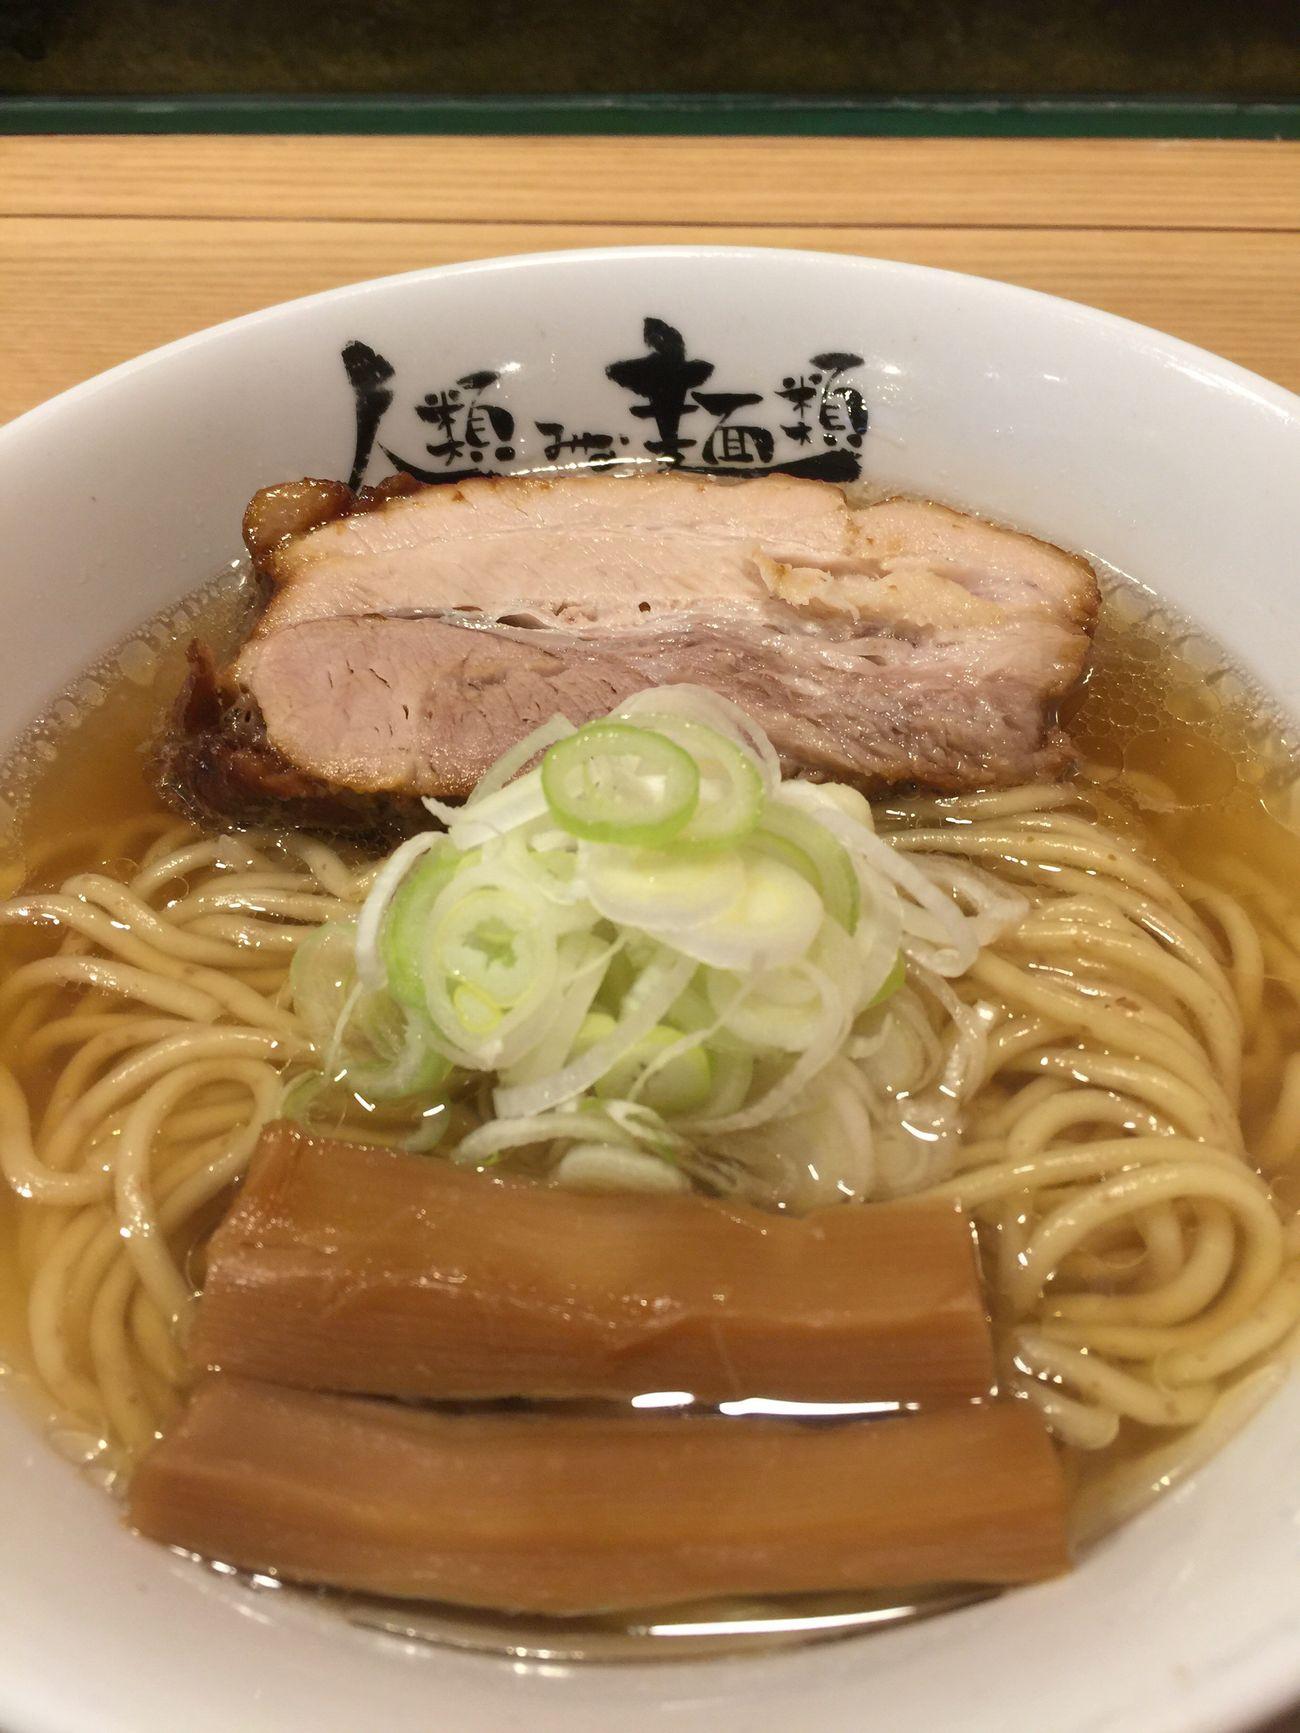 「人類みな麺類」でラーメンを食べる☆ ラヲタ ラ女子 ラーメン Ramen 大阪市 Enjoy Eating Vscocam